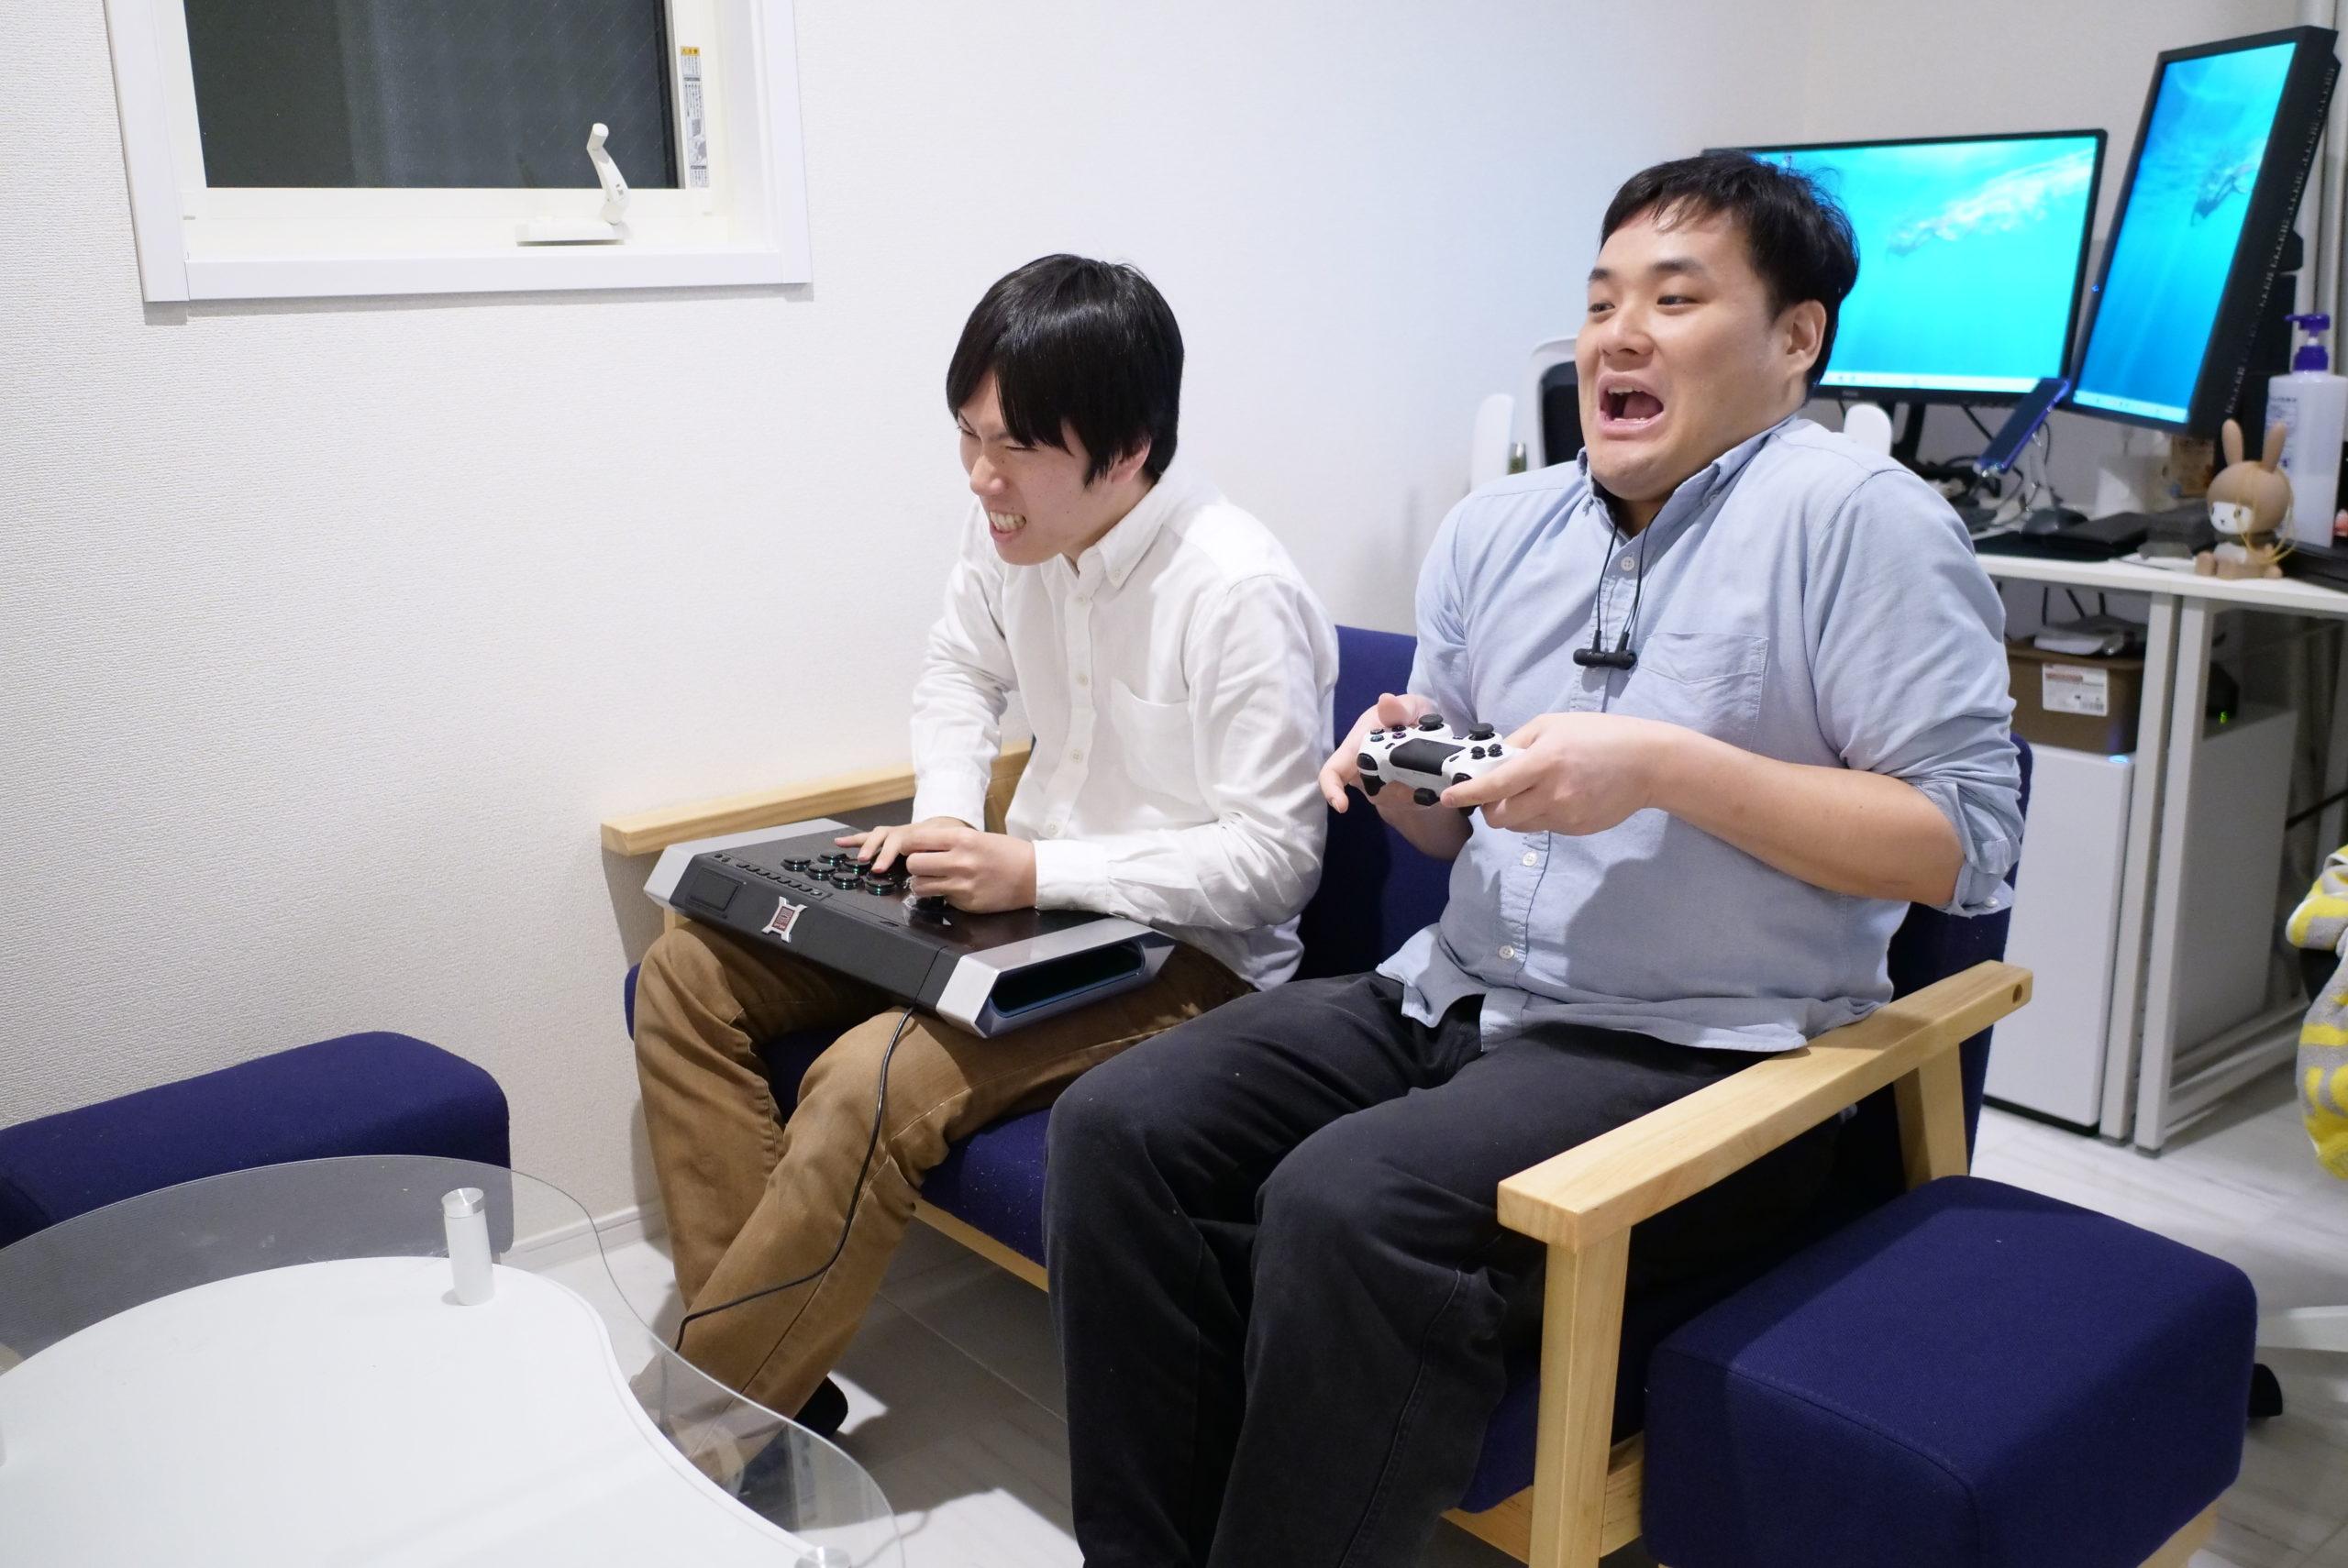 ゲームをしている二人